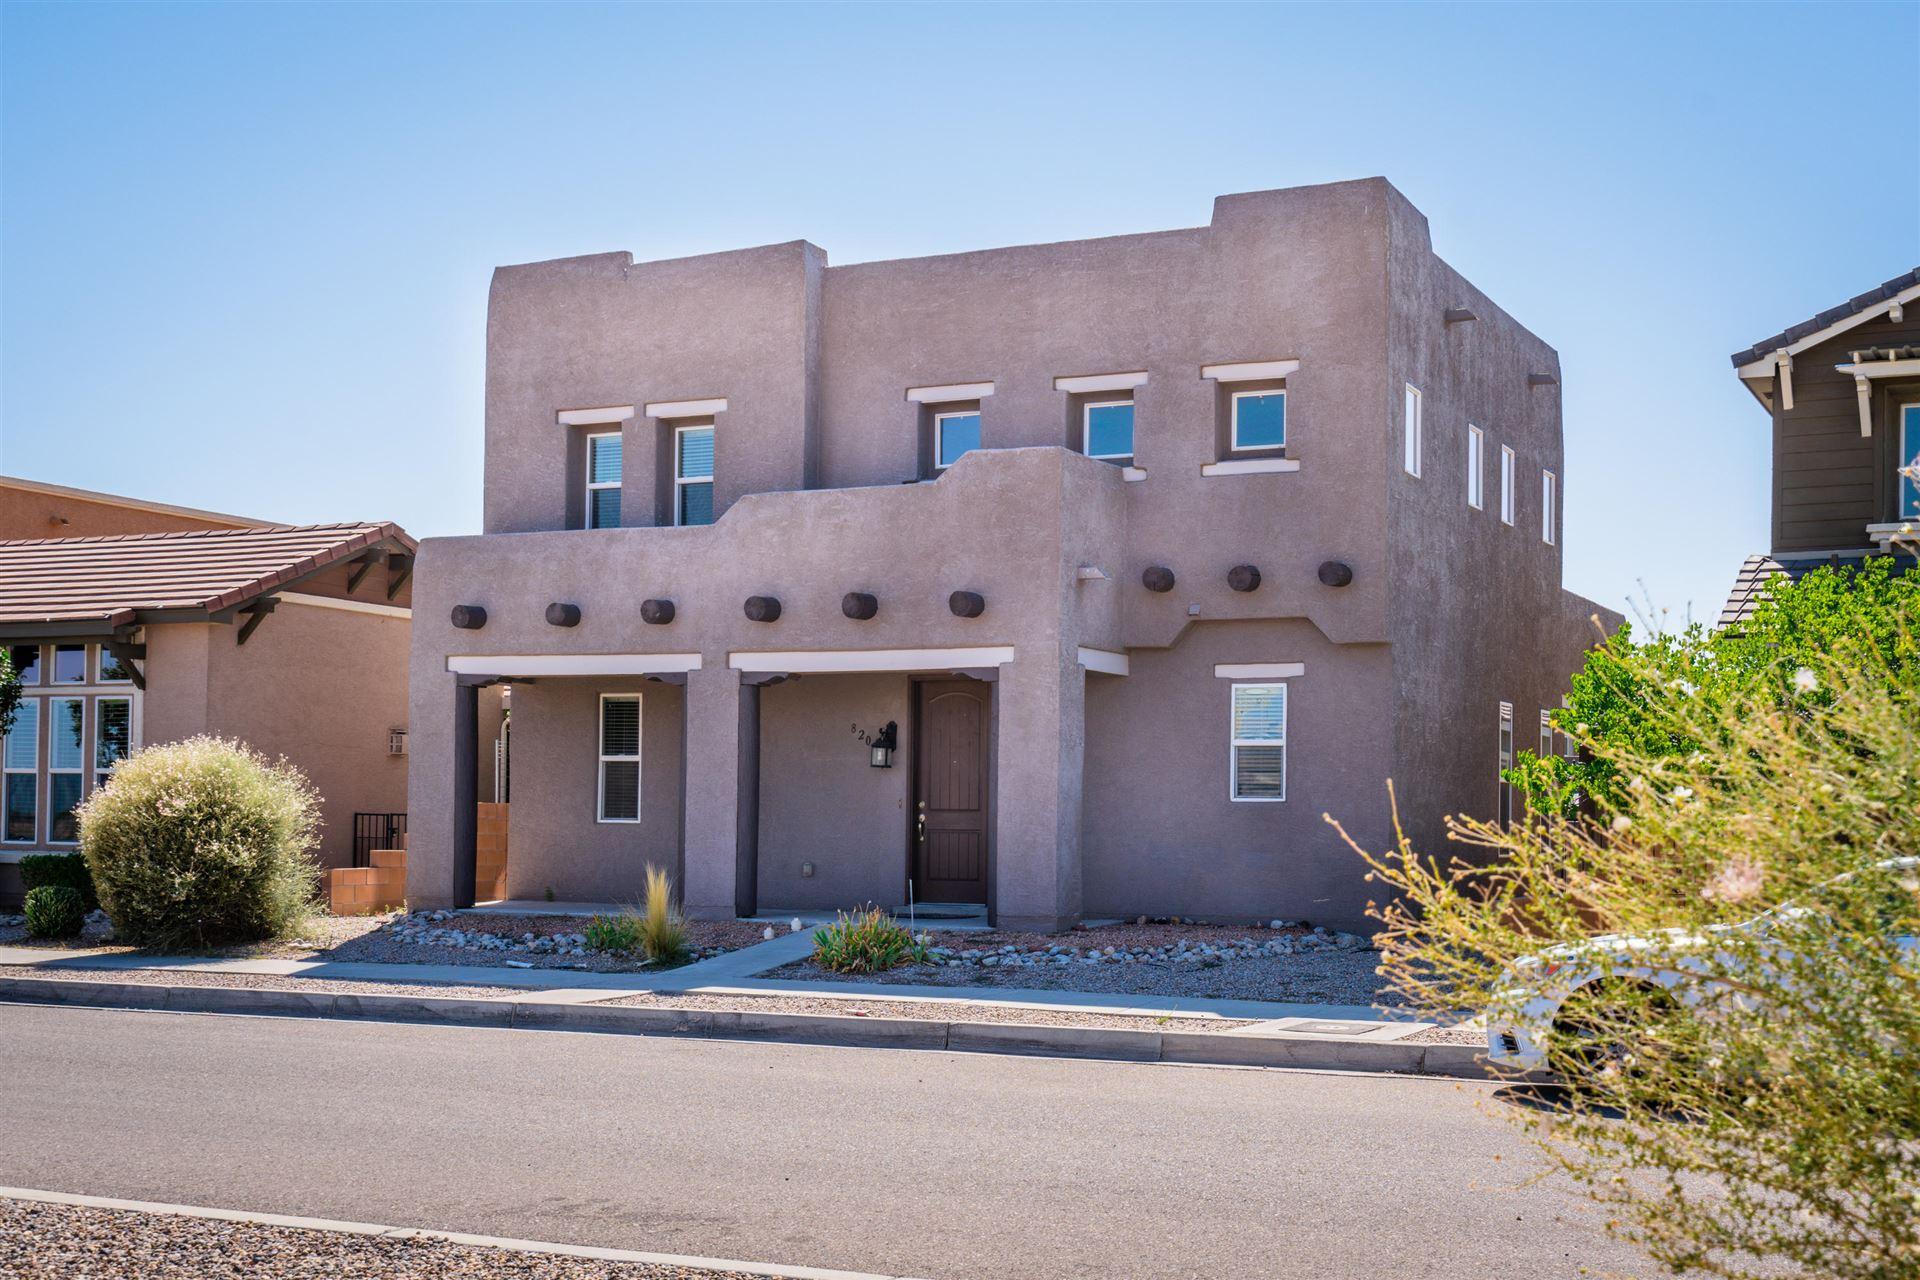 Photo of 8208 Go West Road NW, Albuquerque, NM 87120 (MLS # 979989)